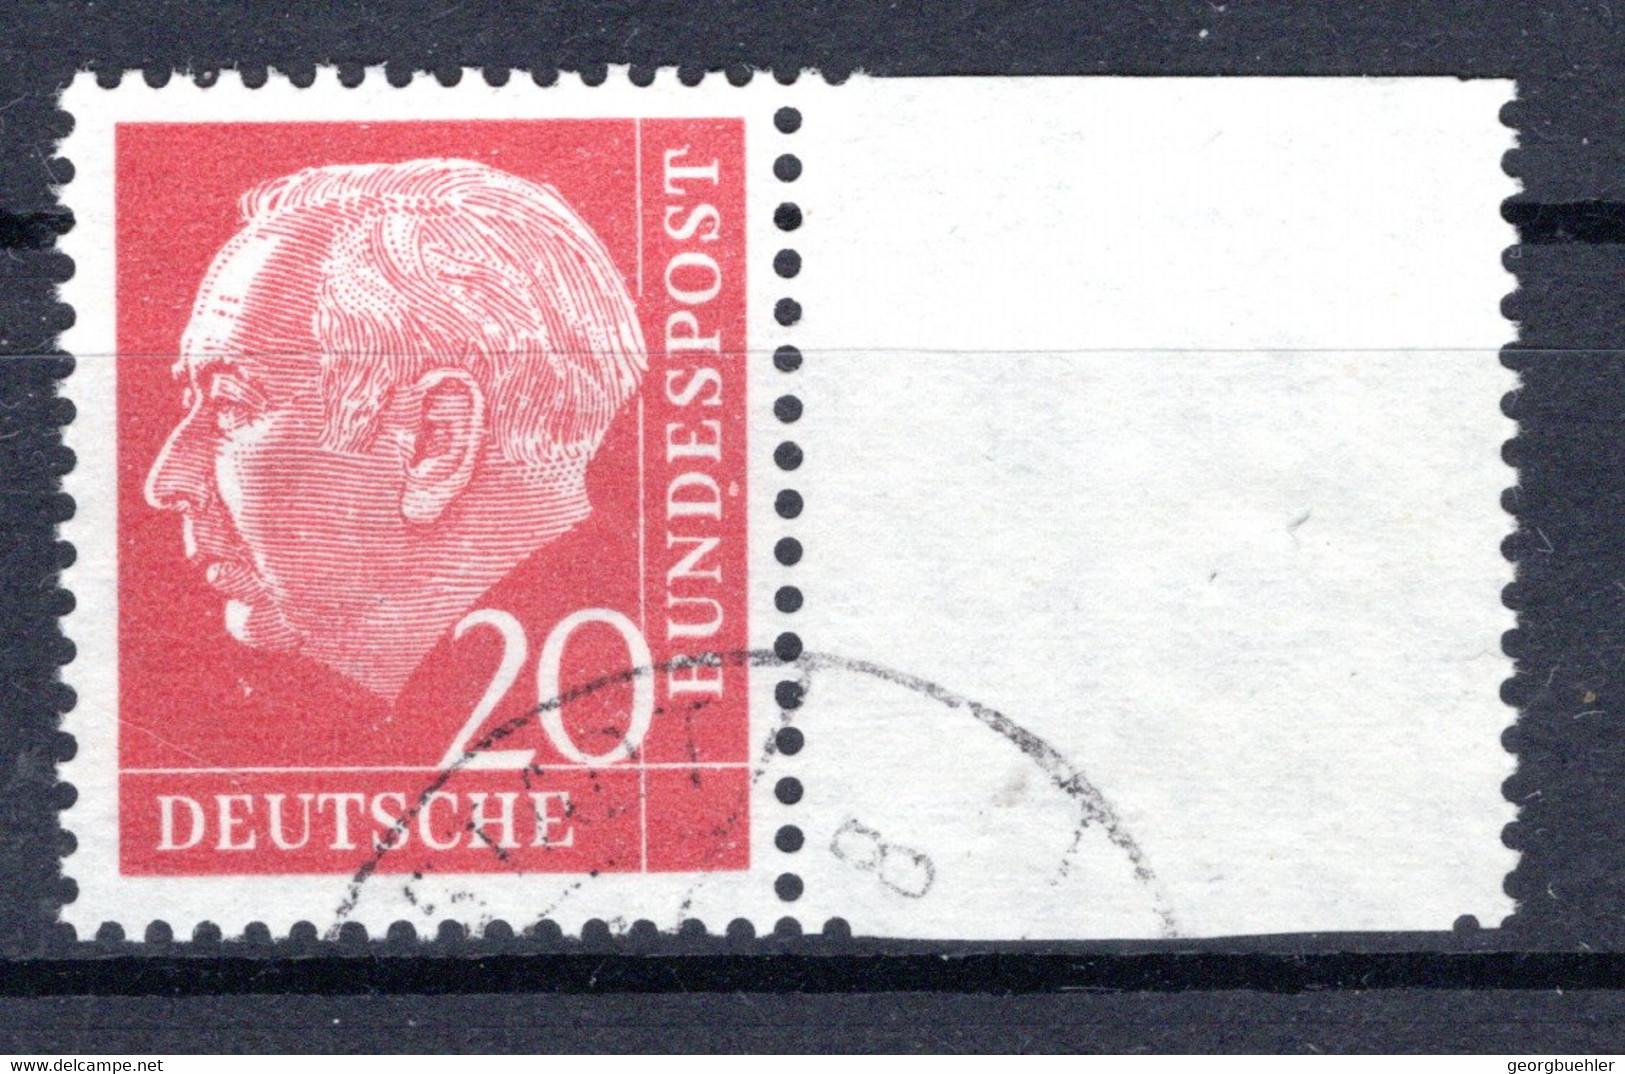 BUNDESREPUBLIK, Michel No.: 185LW USED - Unclassified